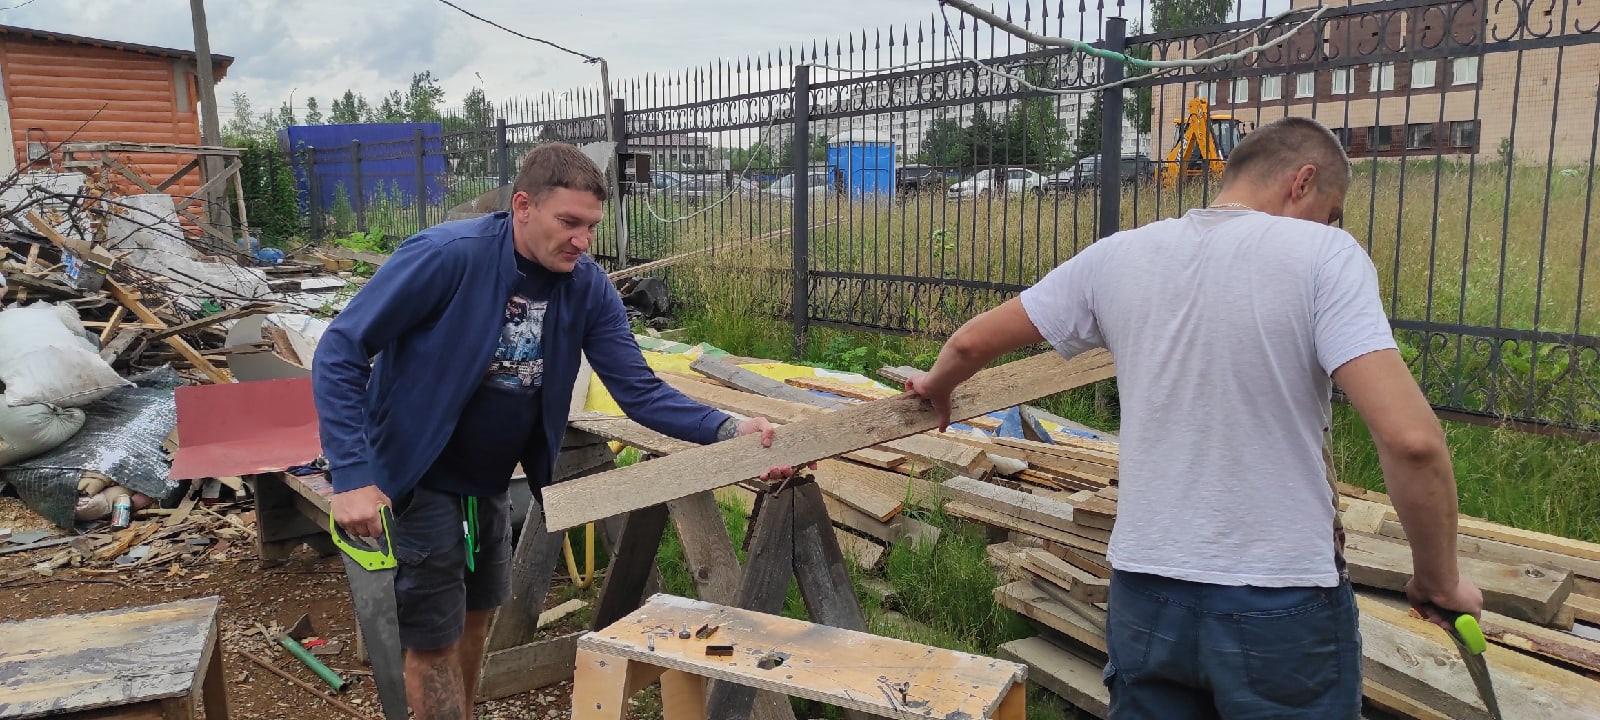 Занятия по каркасному строительству.